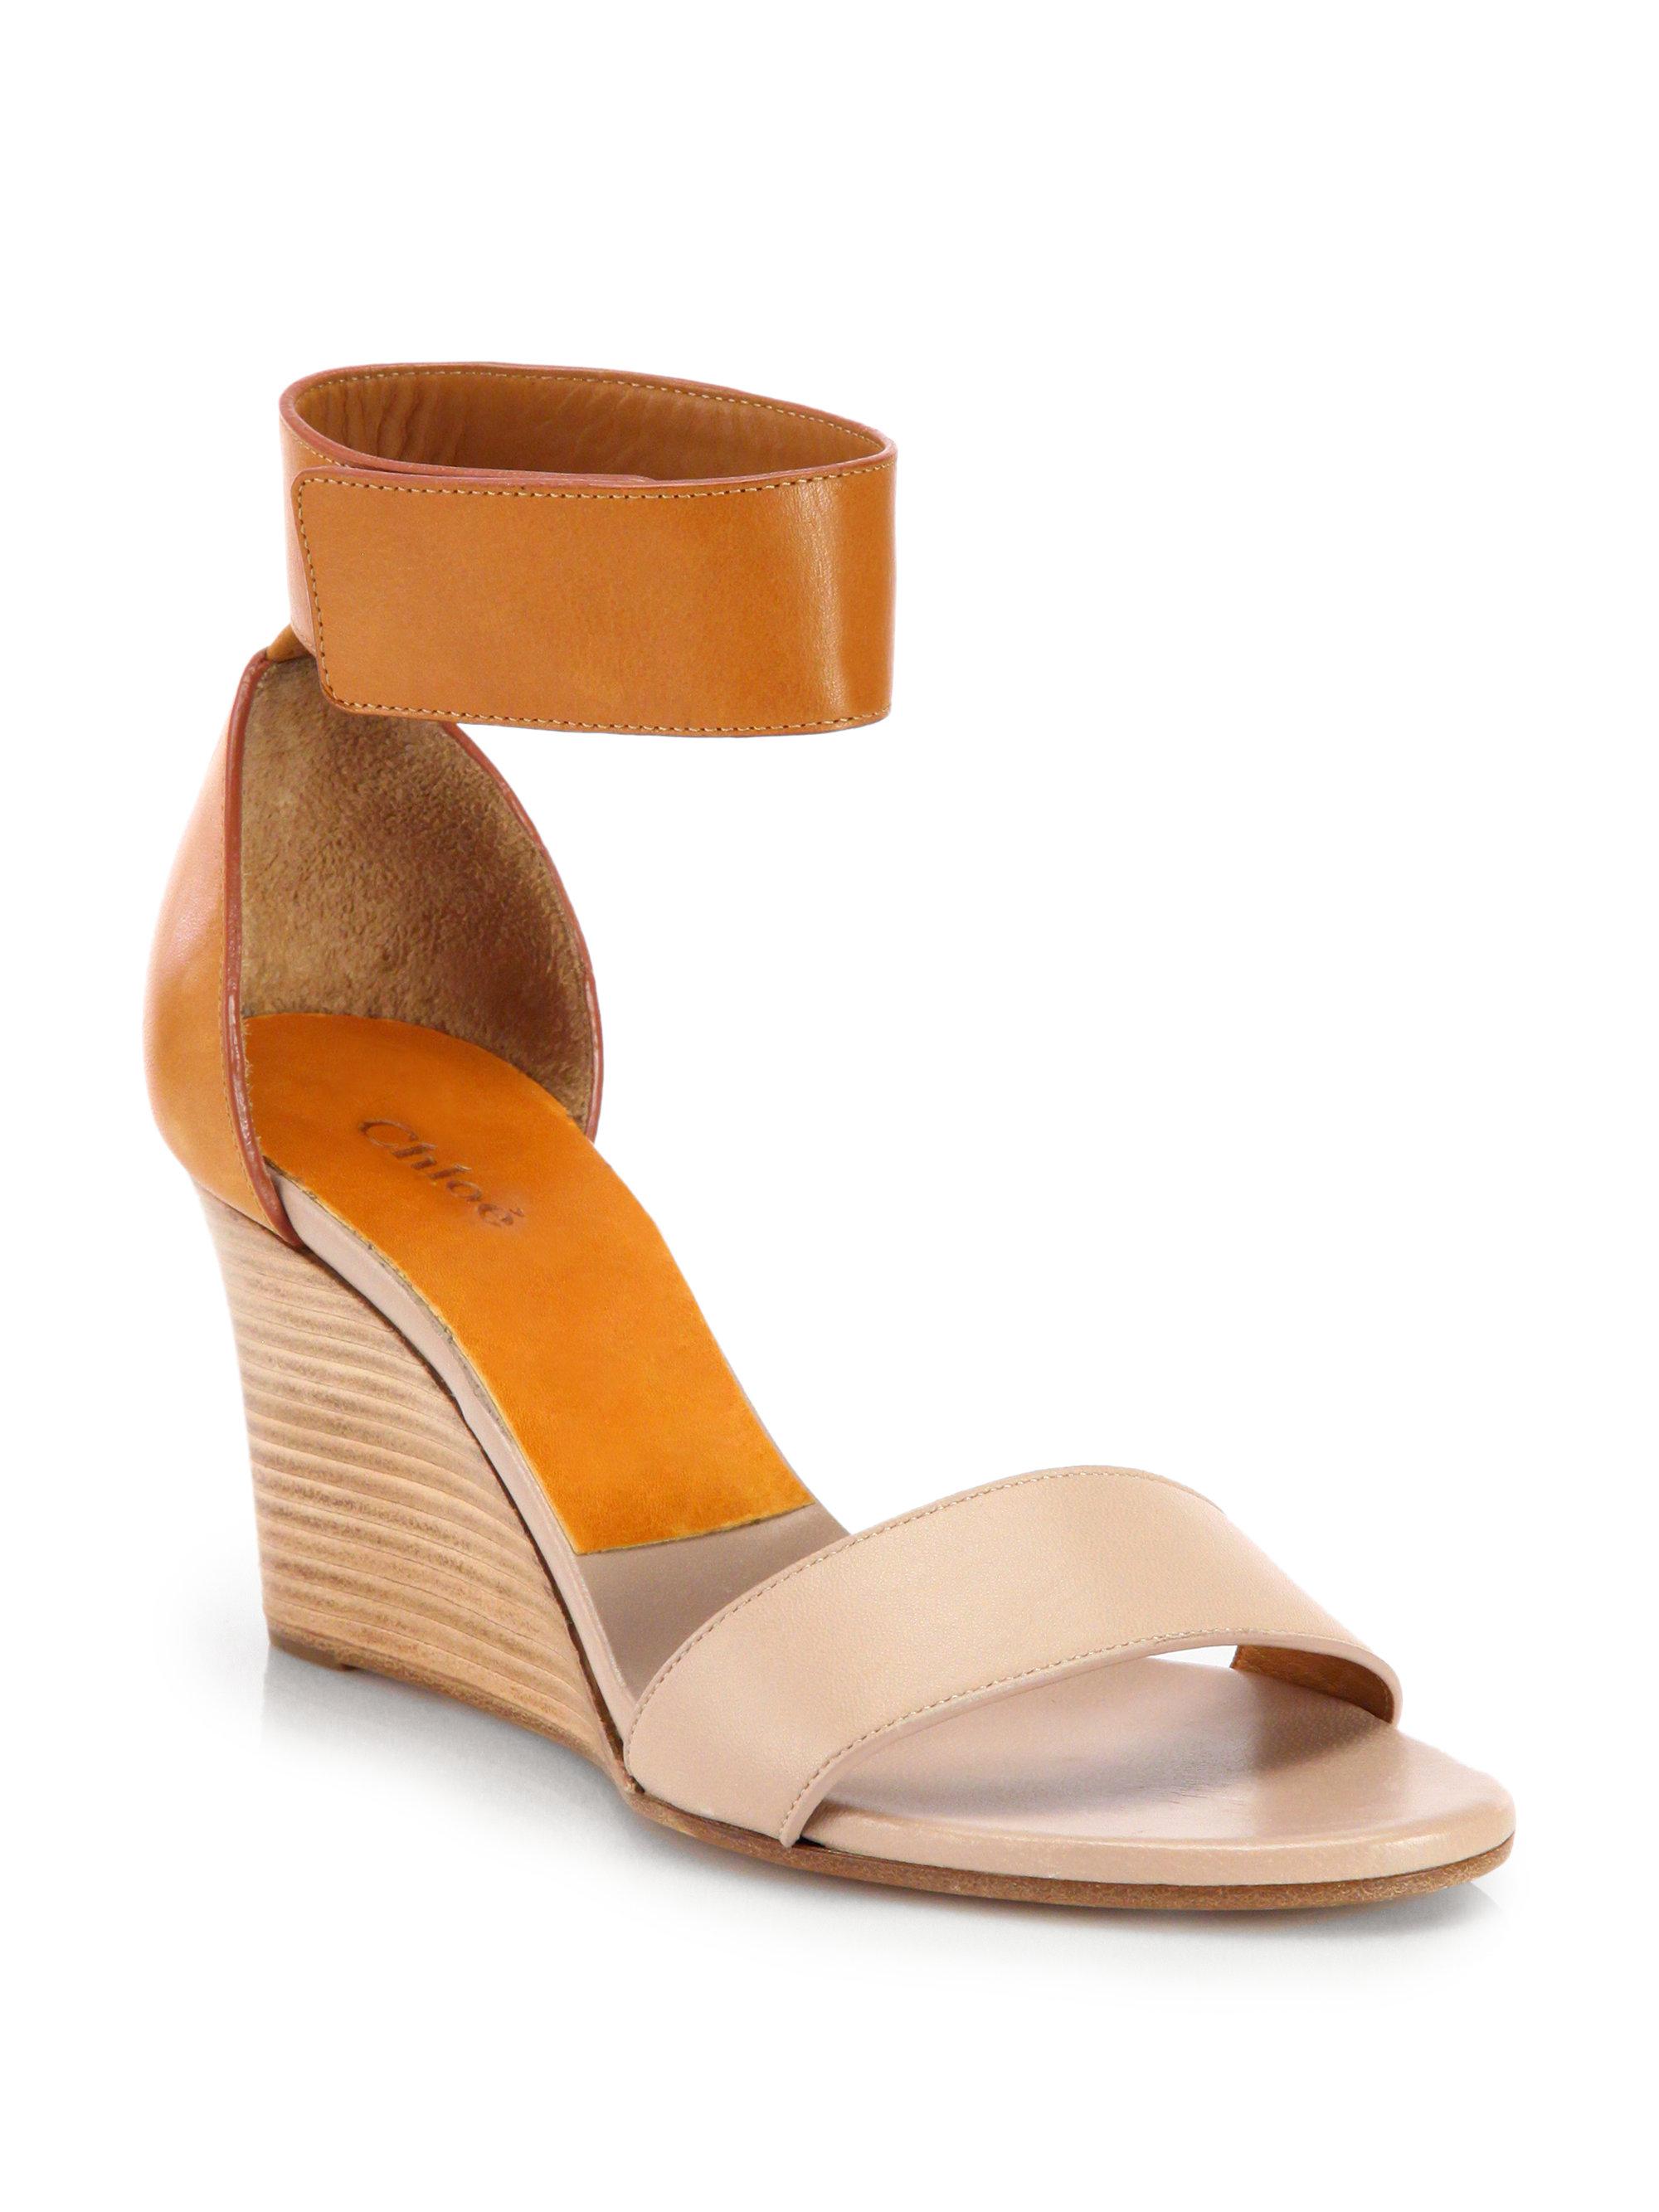 Chloé Ankle strap wedge sandals MKVhNaup